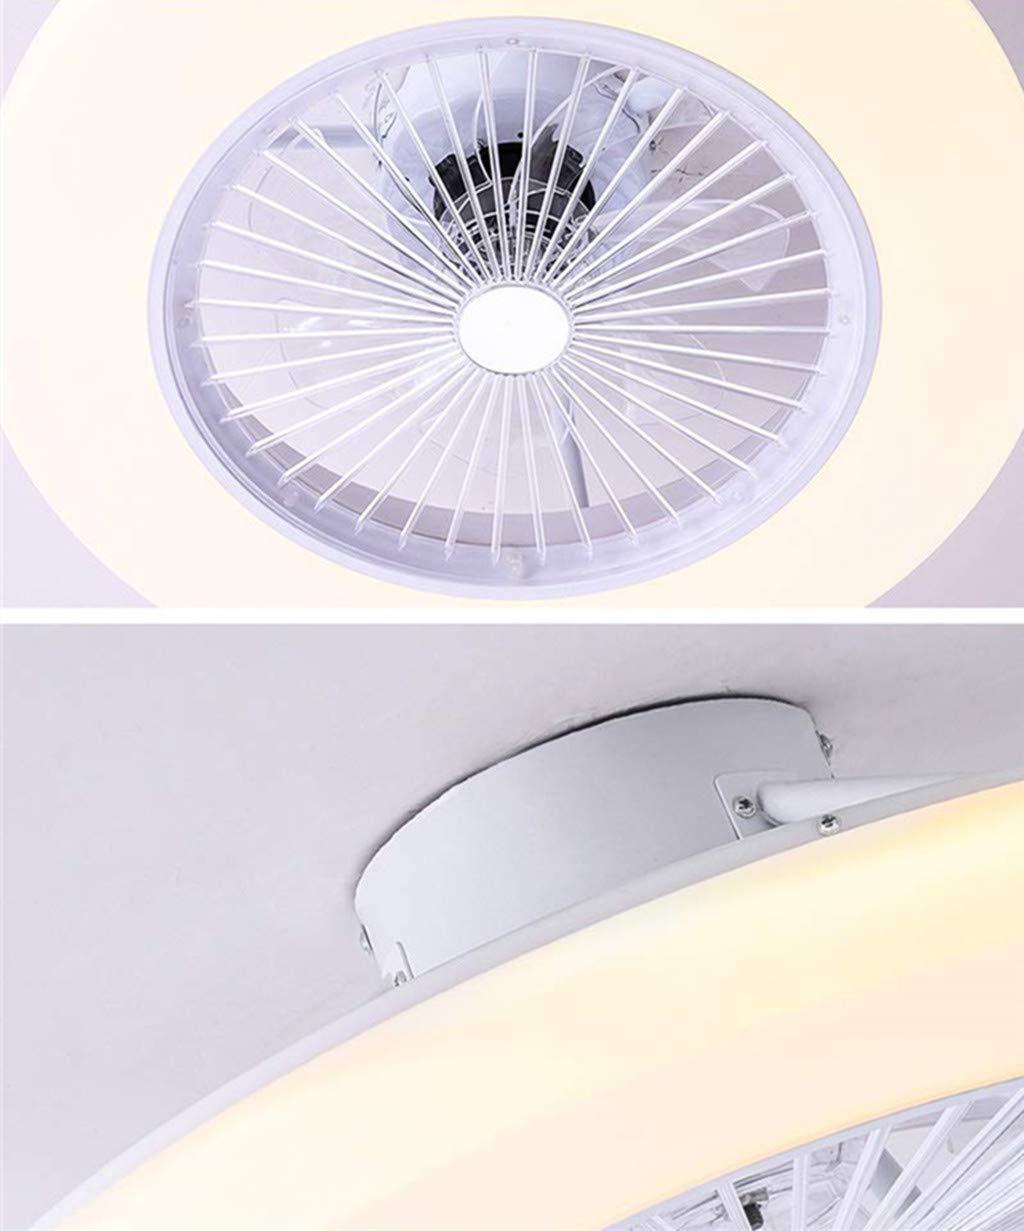 SLZ Ventilador De Techo HGW con Iluminación, Ventilador De Techo ...